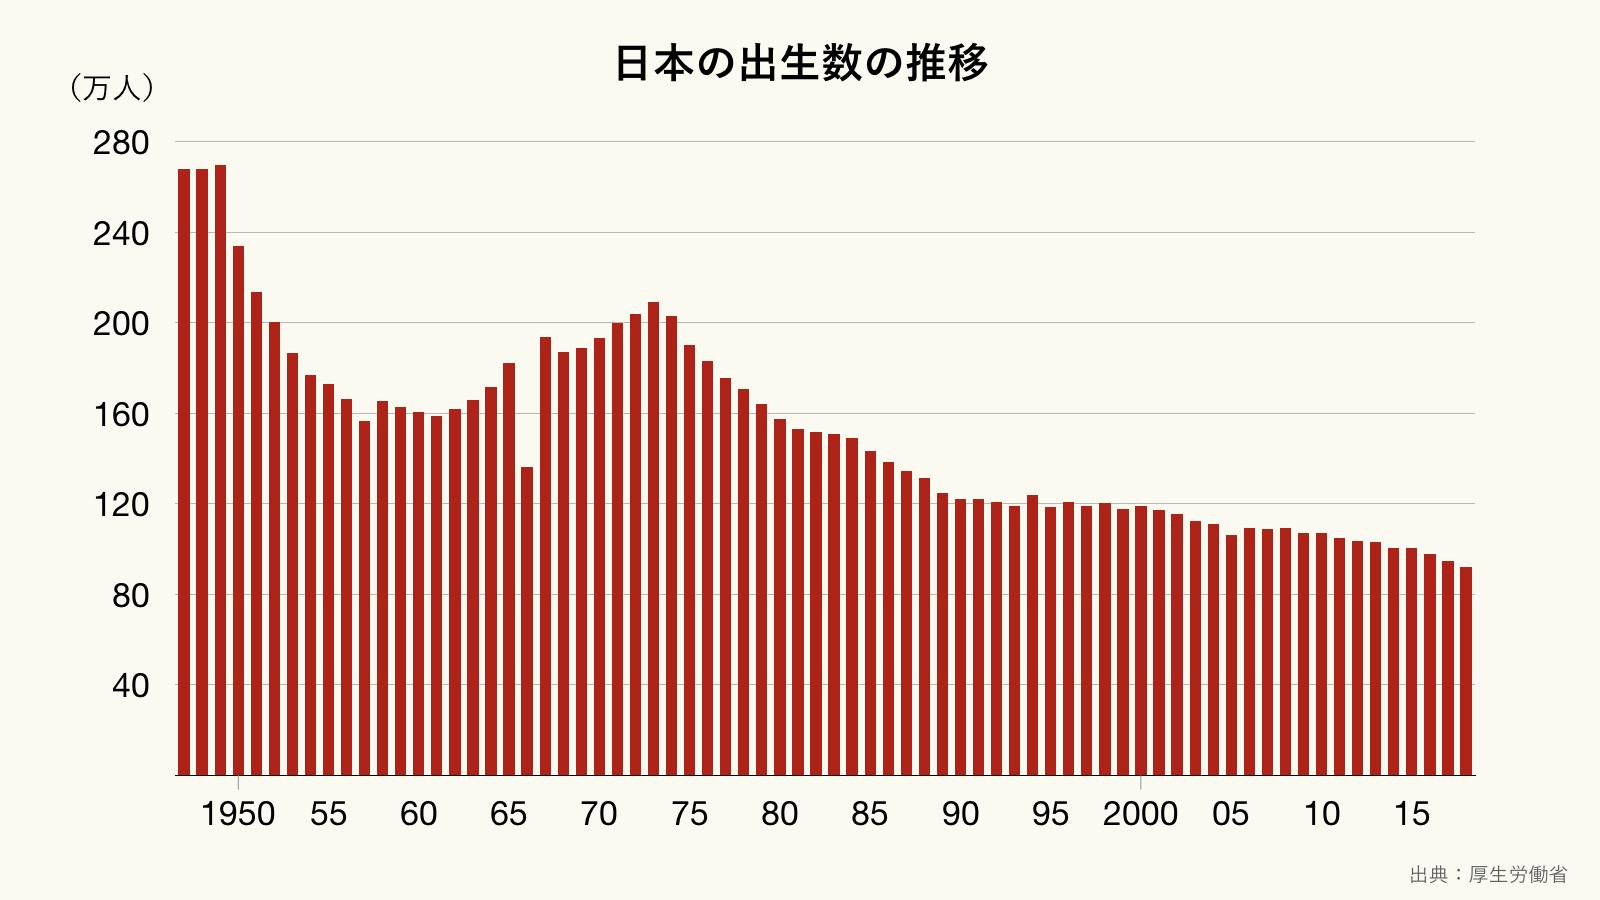 日本の出生数の推移の長期間グラフ(クリーム)